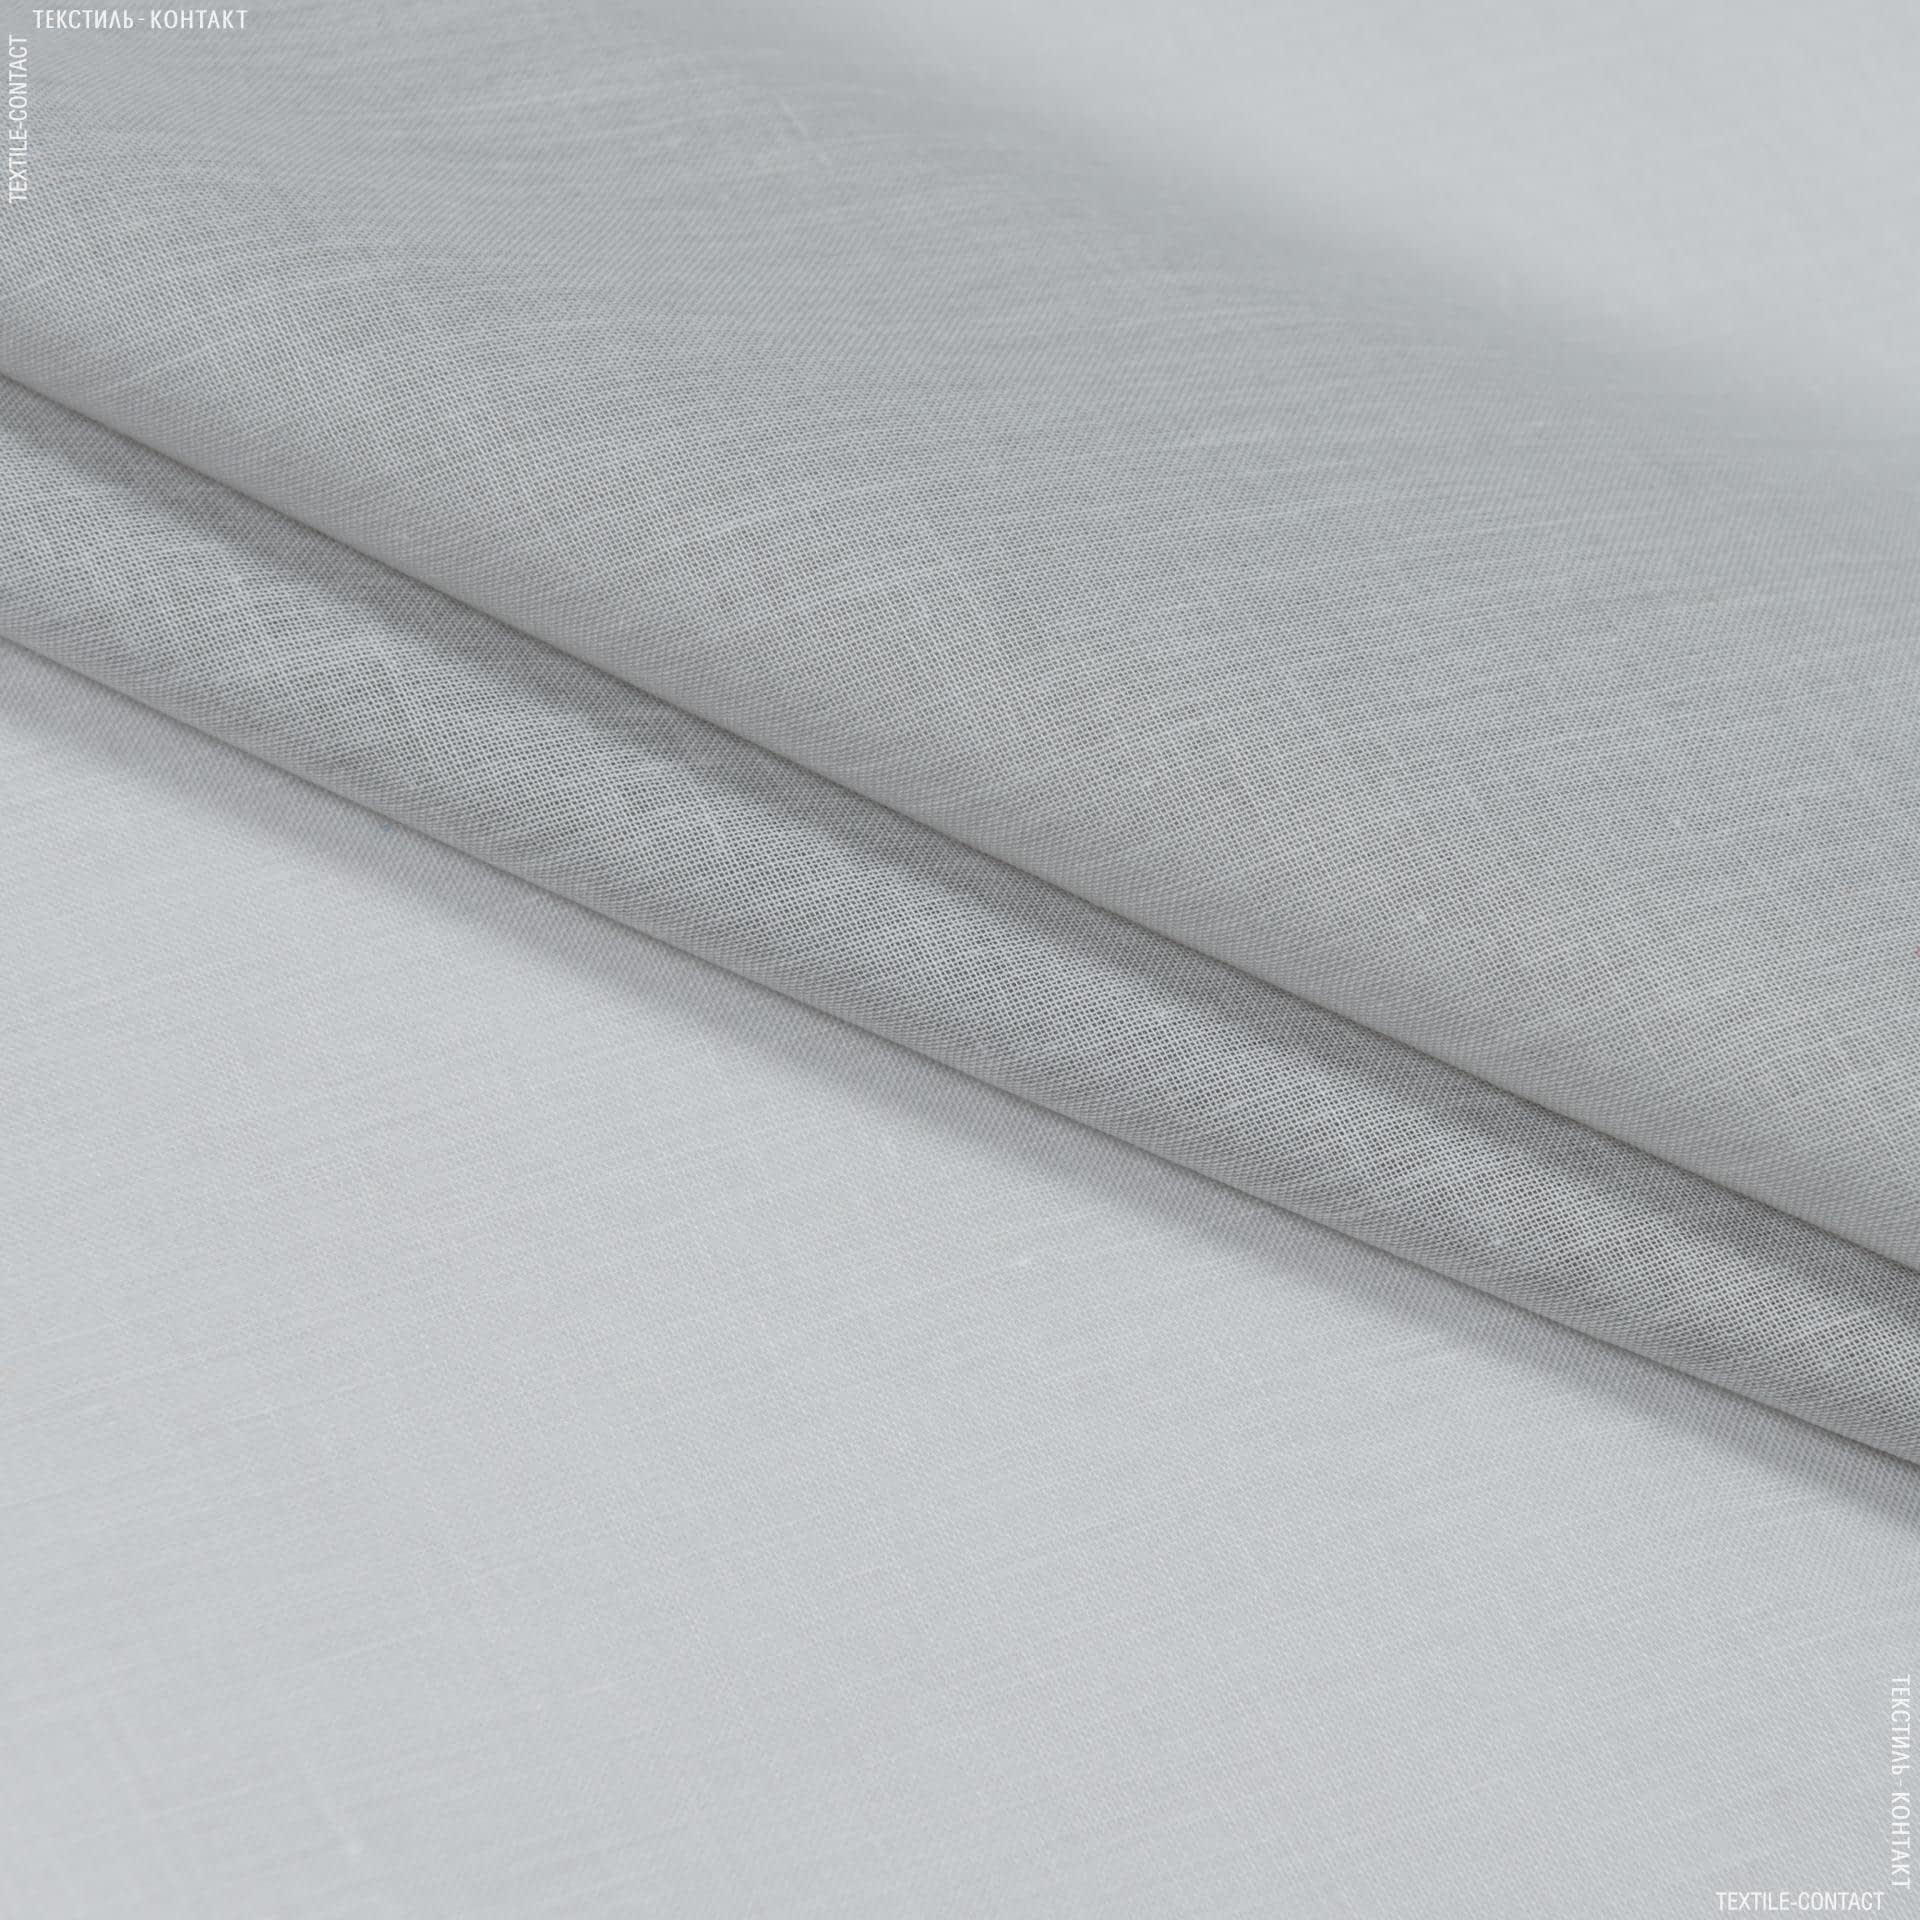 Тканини для драпірування стін і стель - Тюль  батист  люсент/lucent сірий